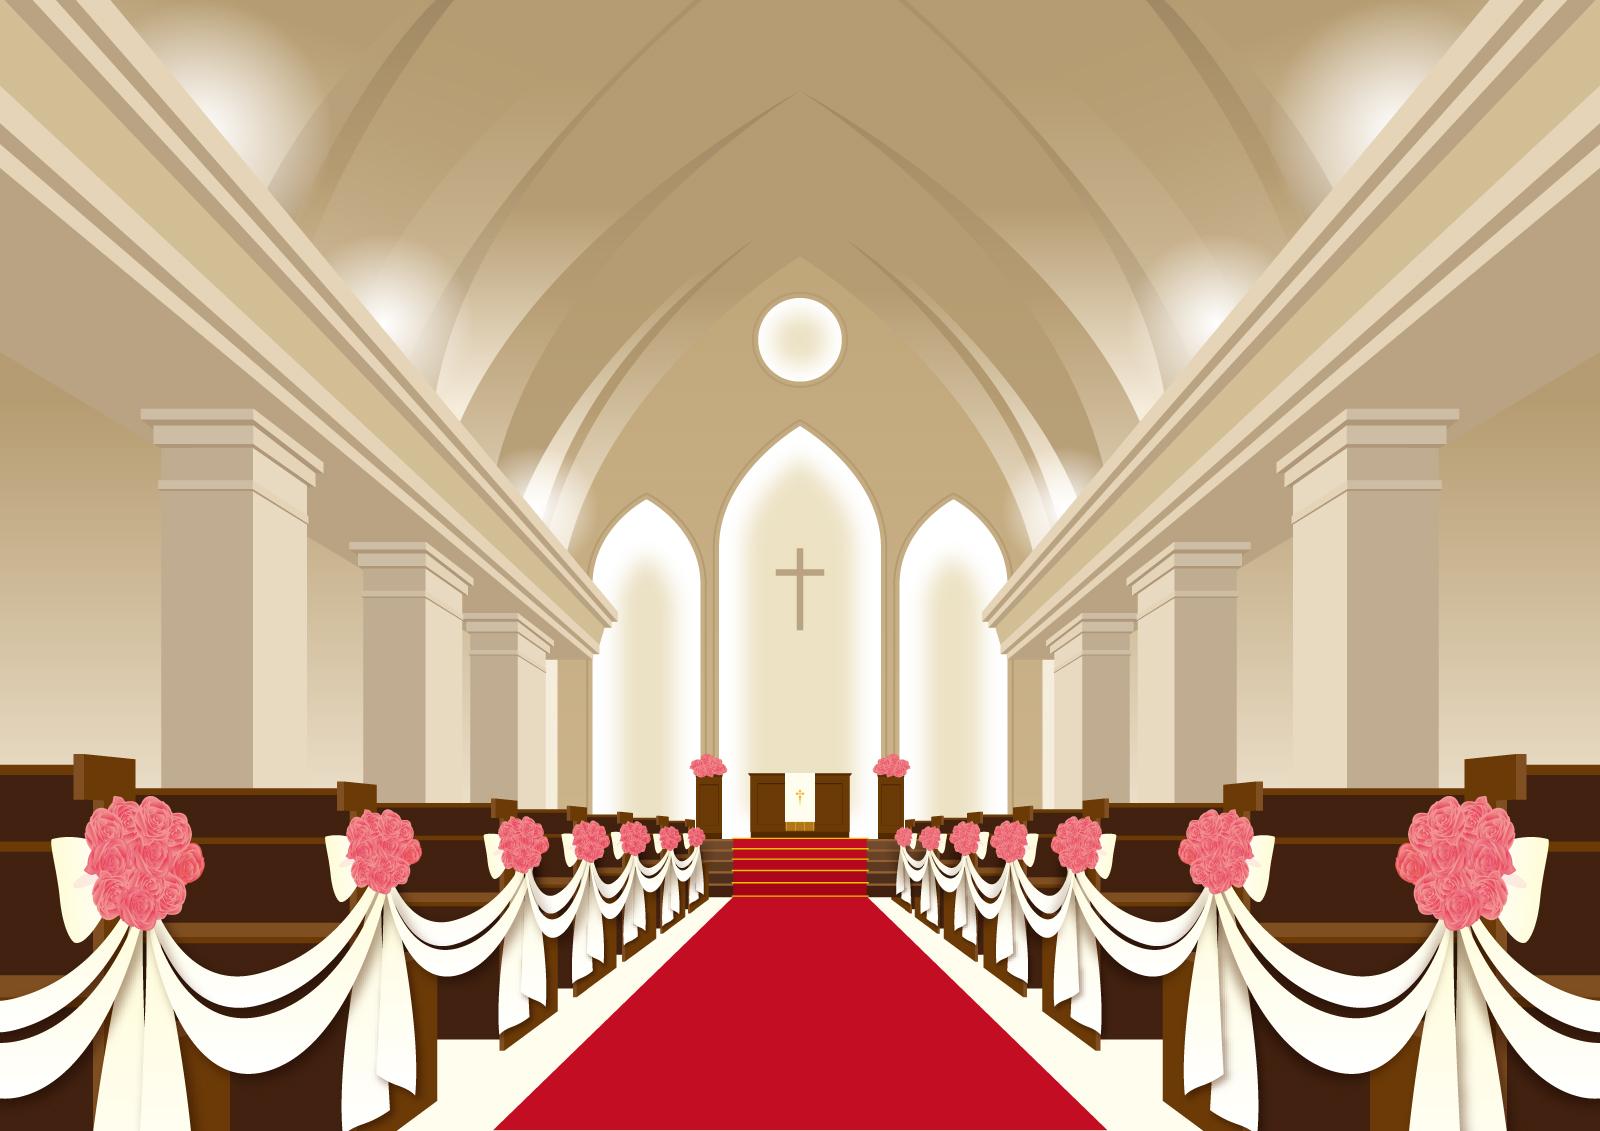 結婚式のイメージ画像2